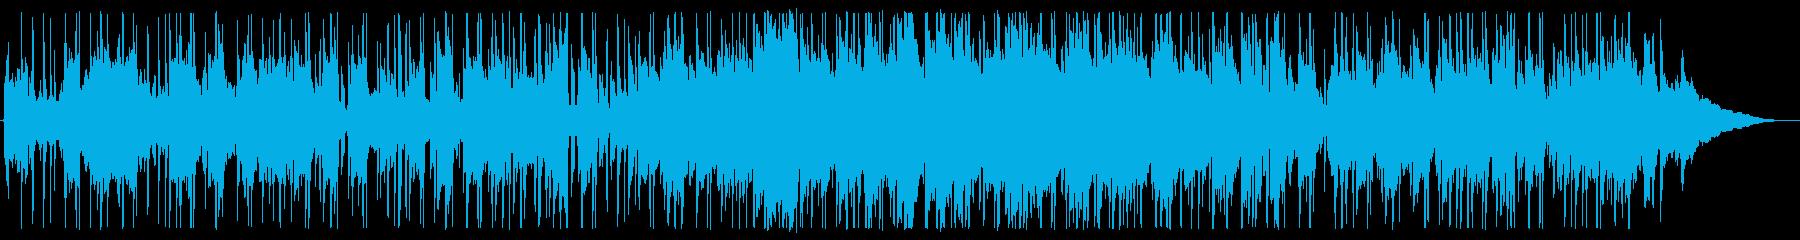 ゆったり爽やかな風に吹かれるような曲の再生済みの波形